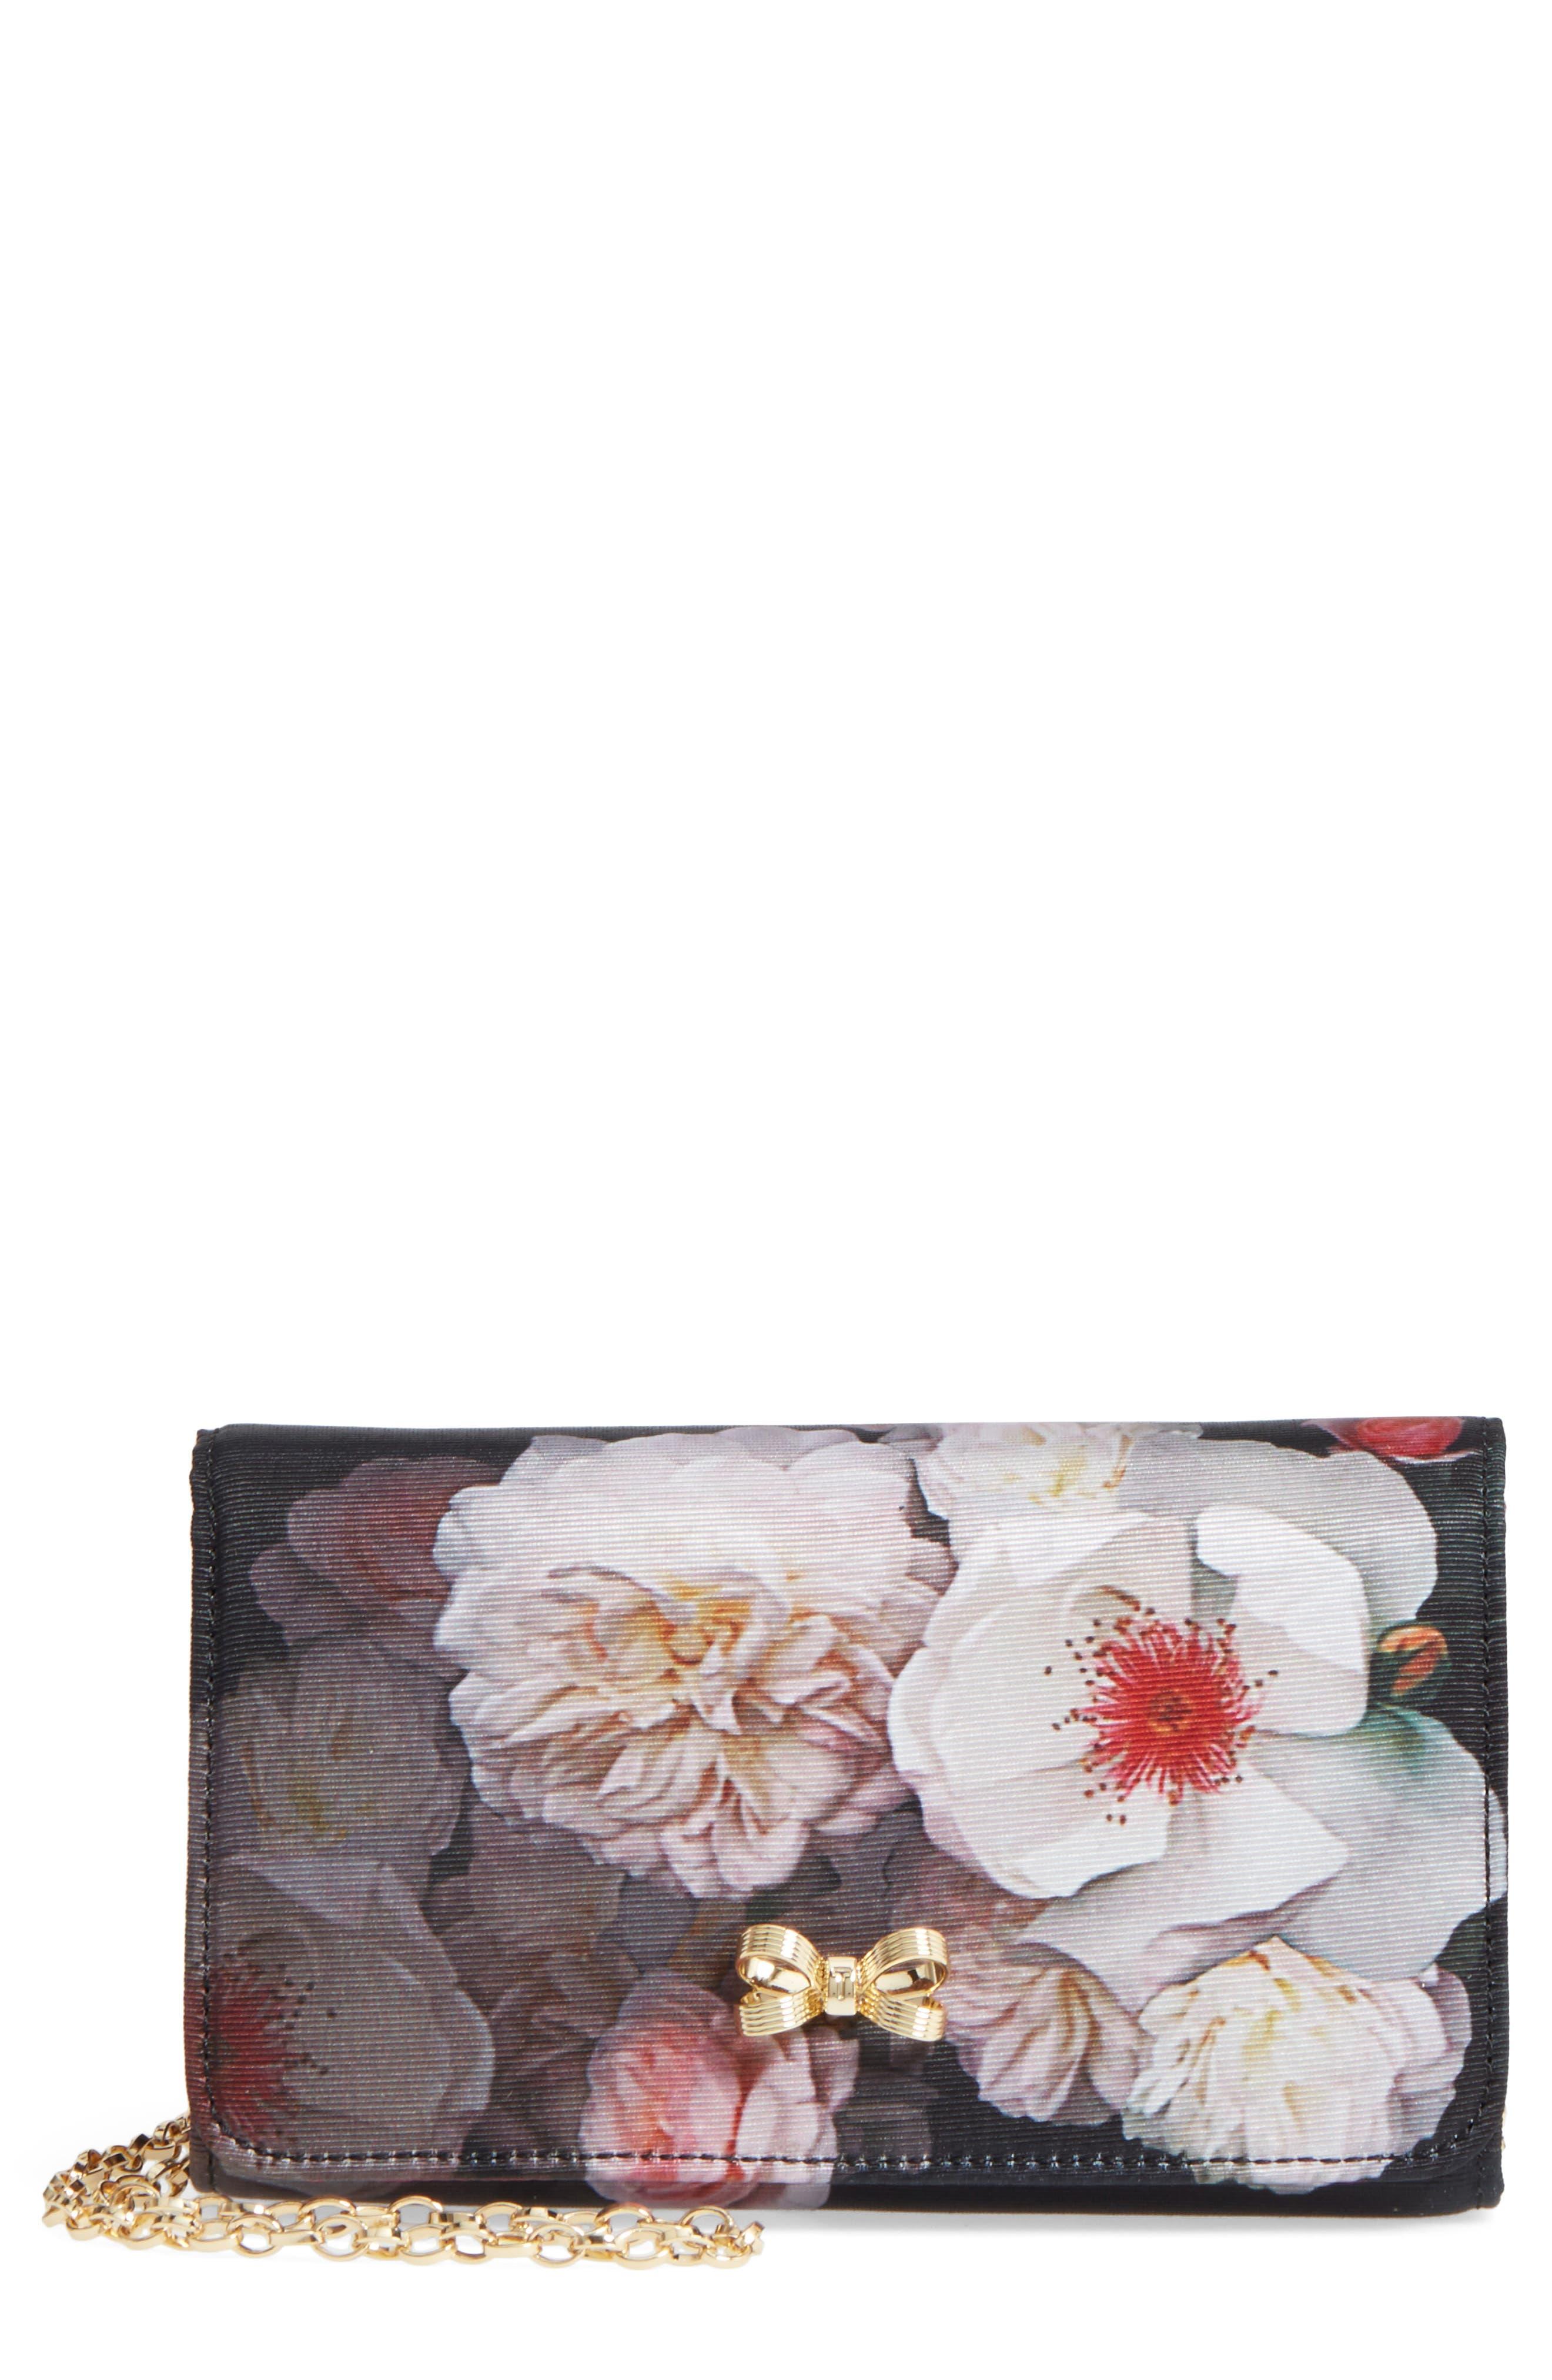 Ted Baker London Cela Floral Print Clutch